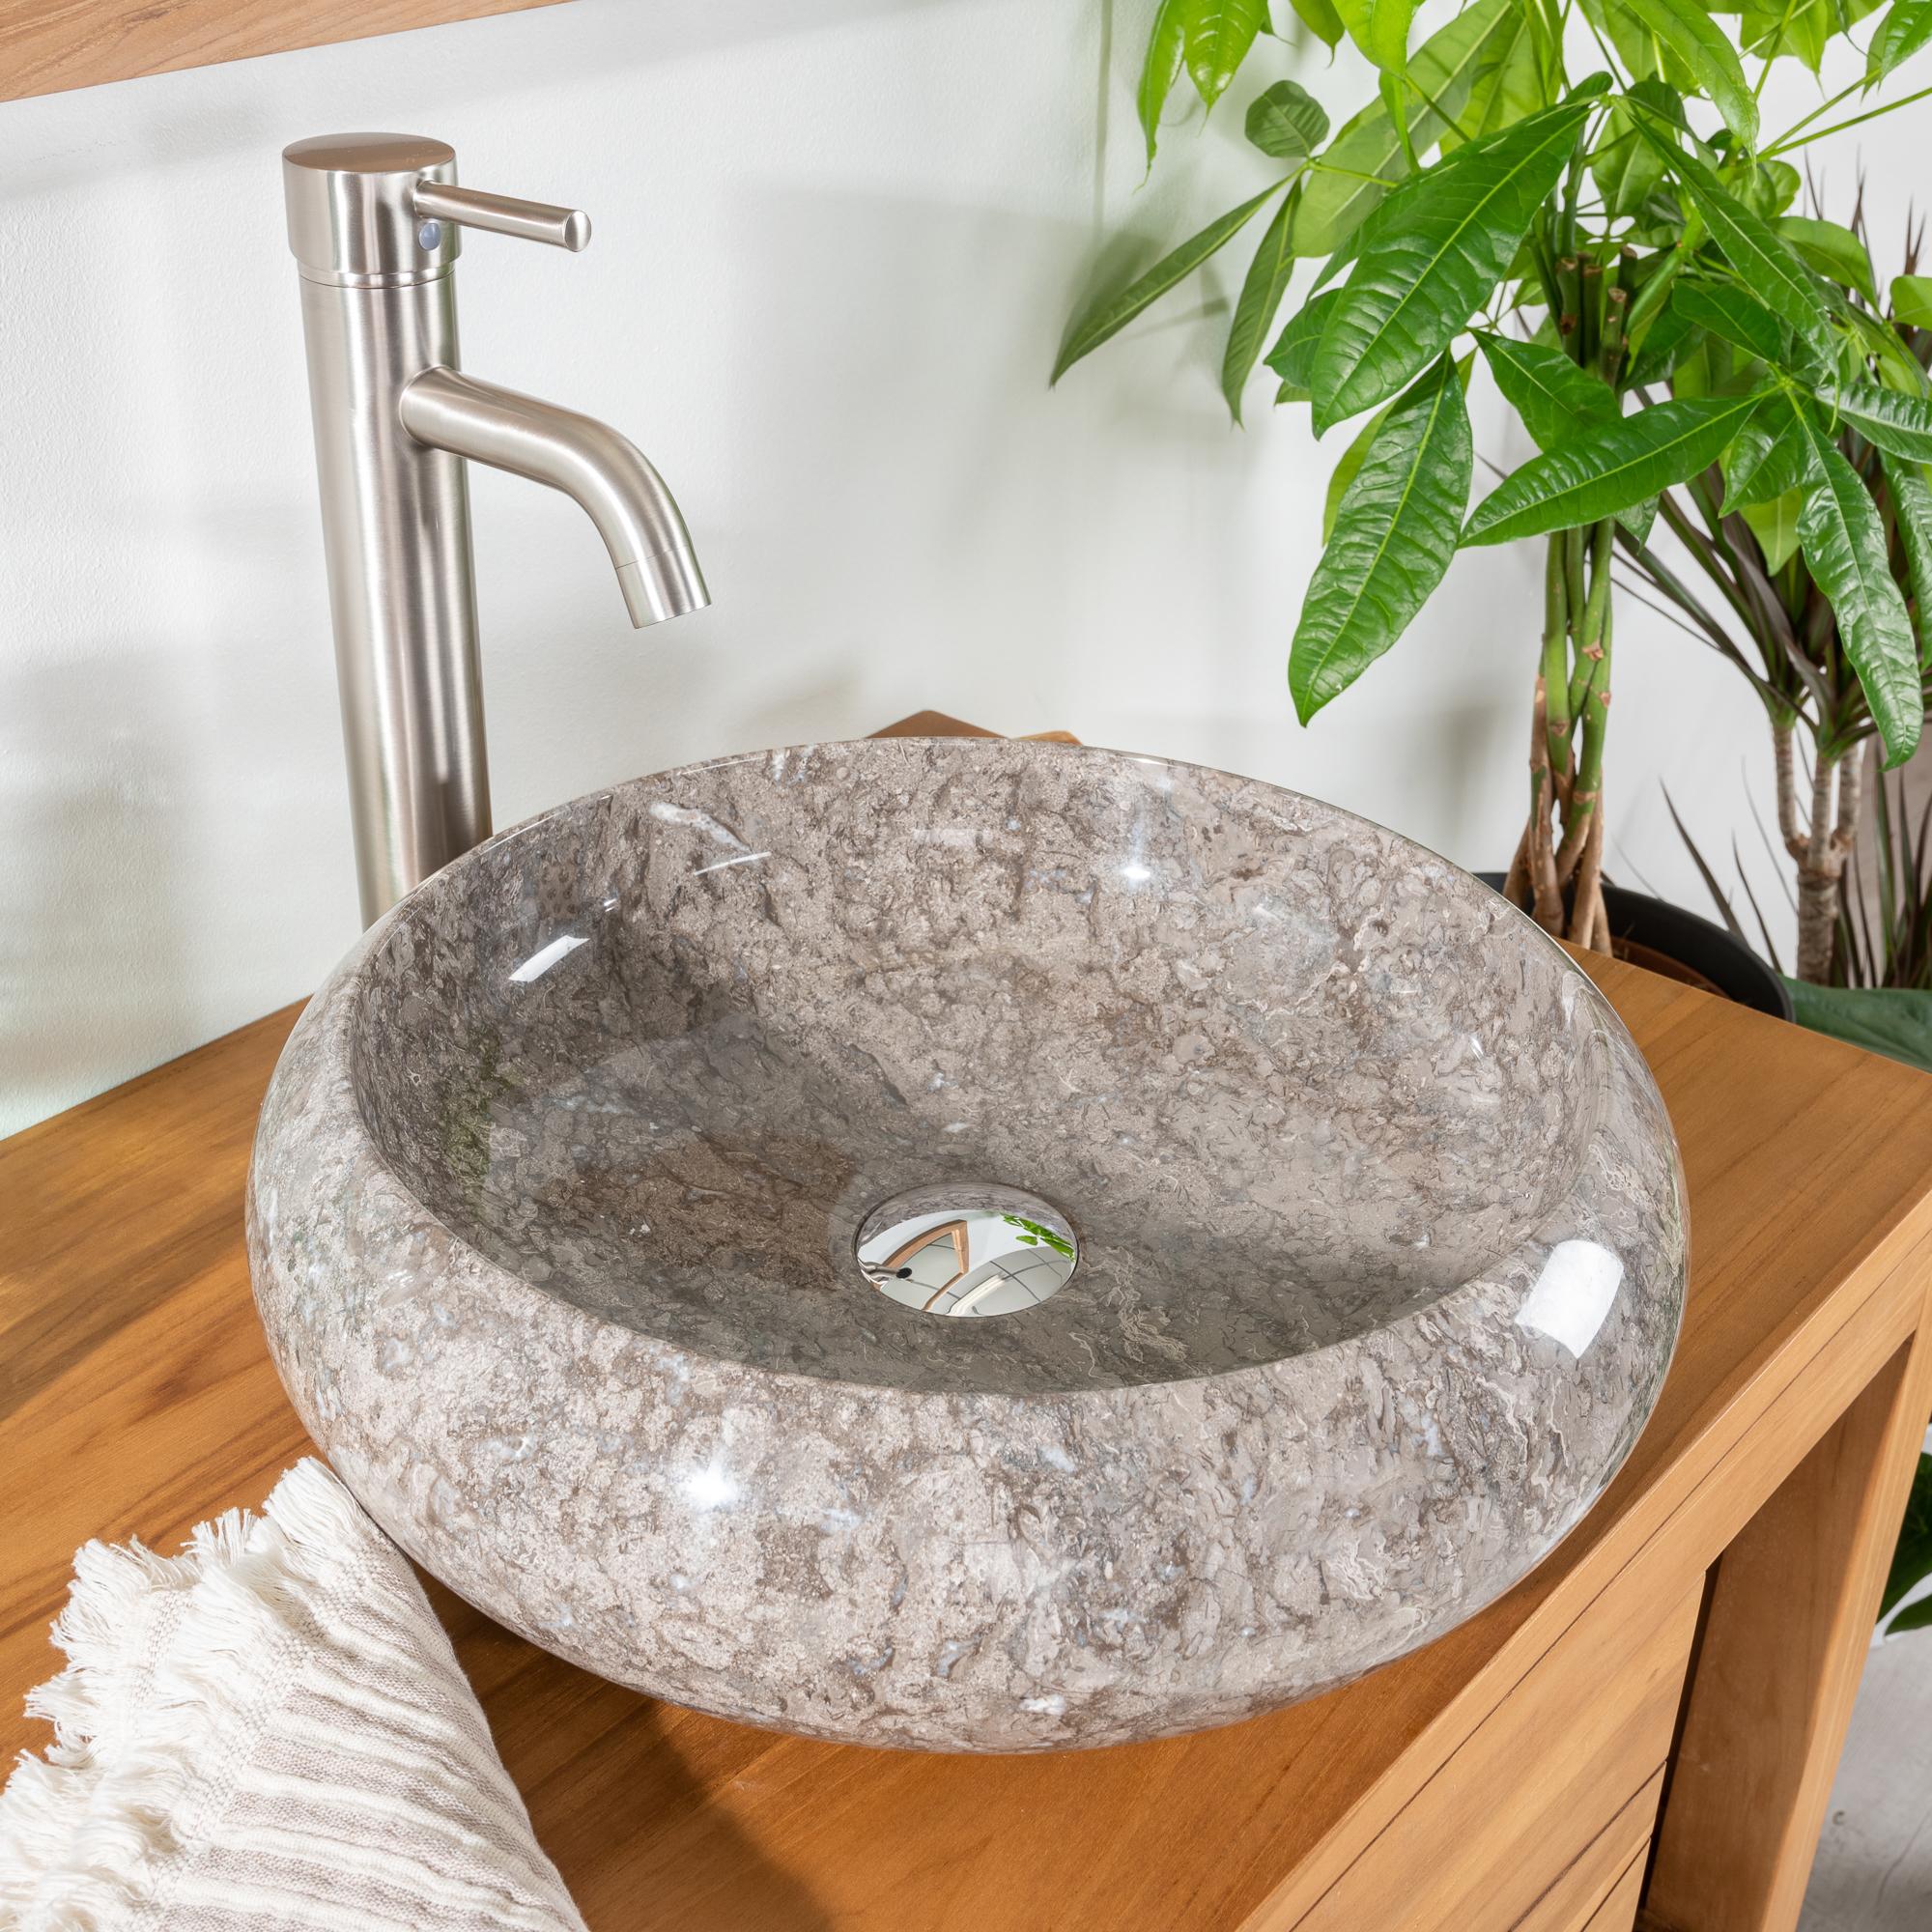 Vasque poser en marbre venise ronde grise taupe d 40 cm - Vasque salle de bain ronde ...